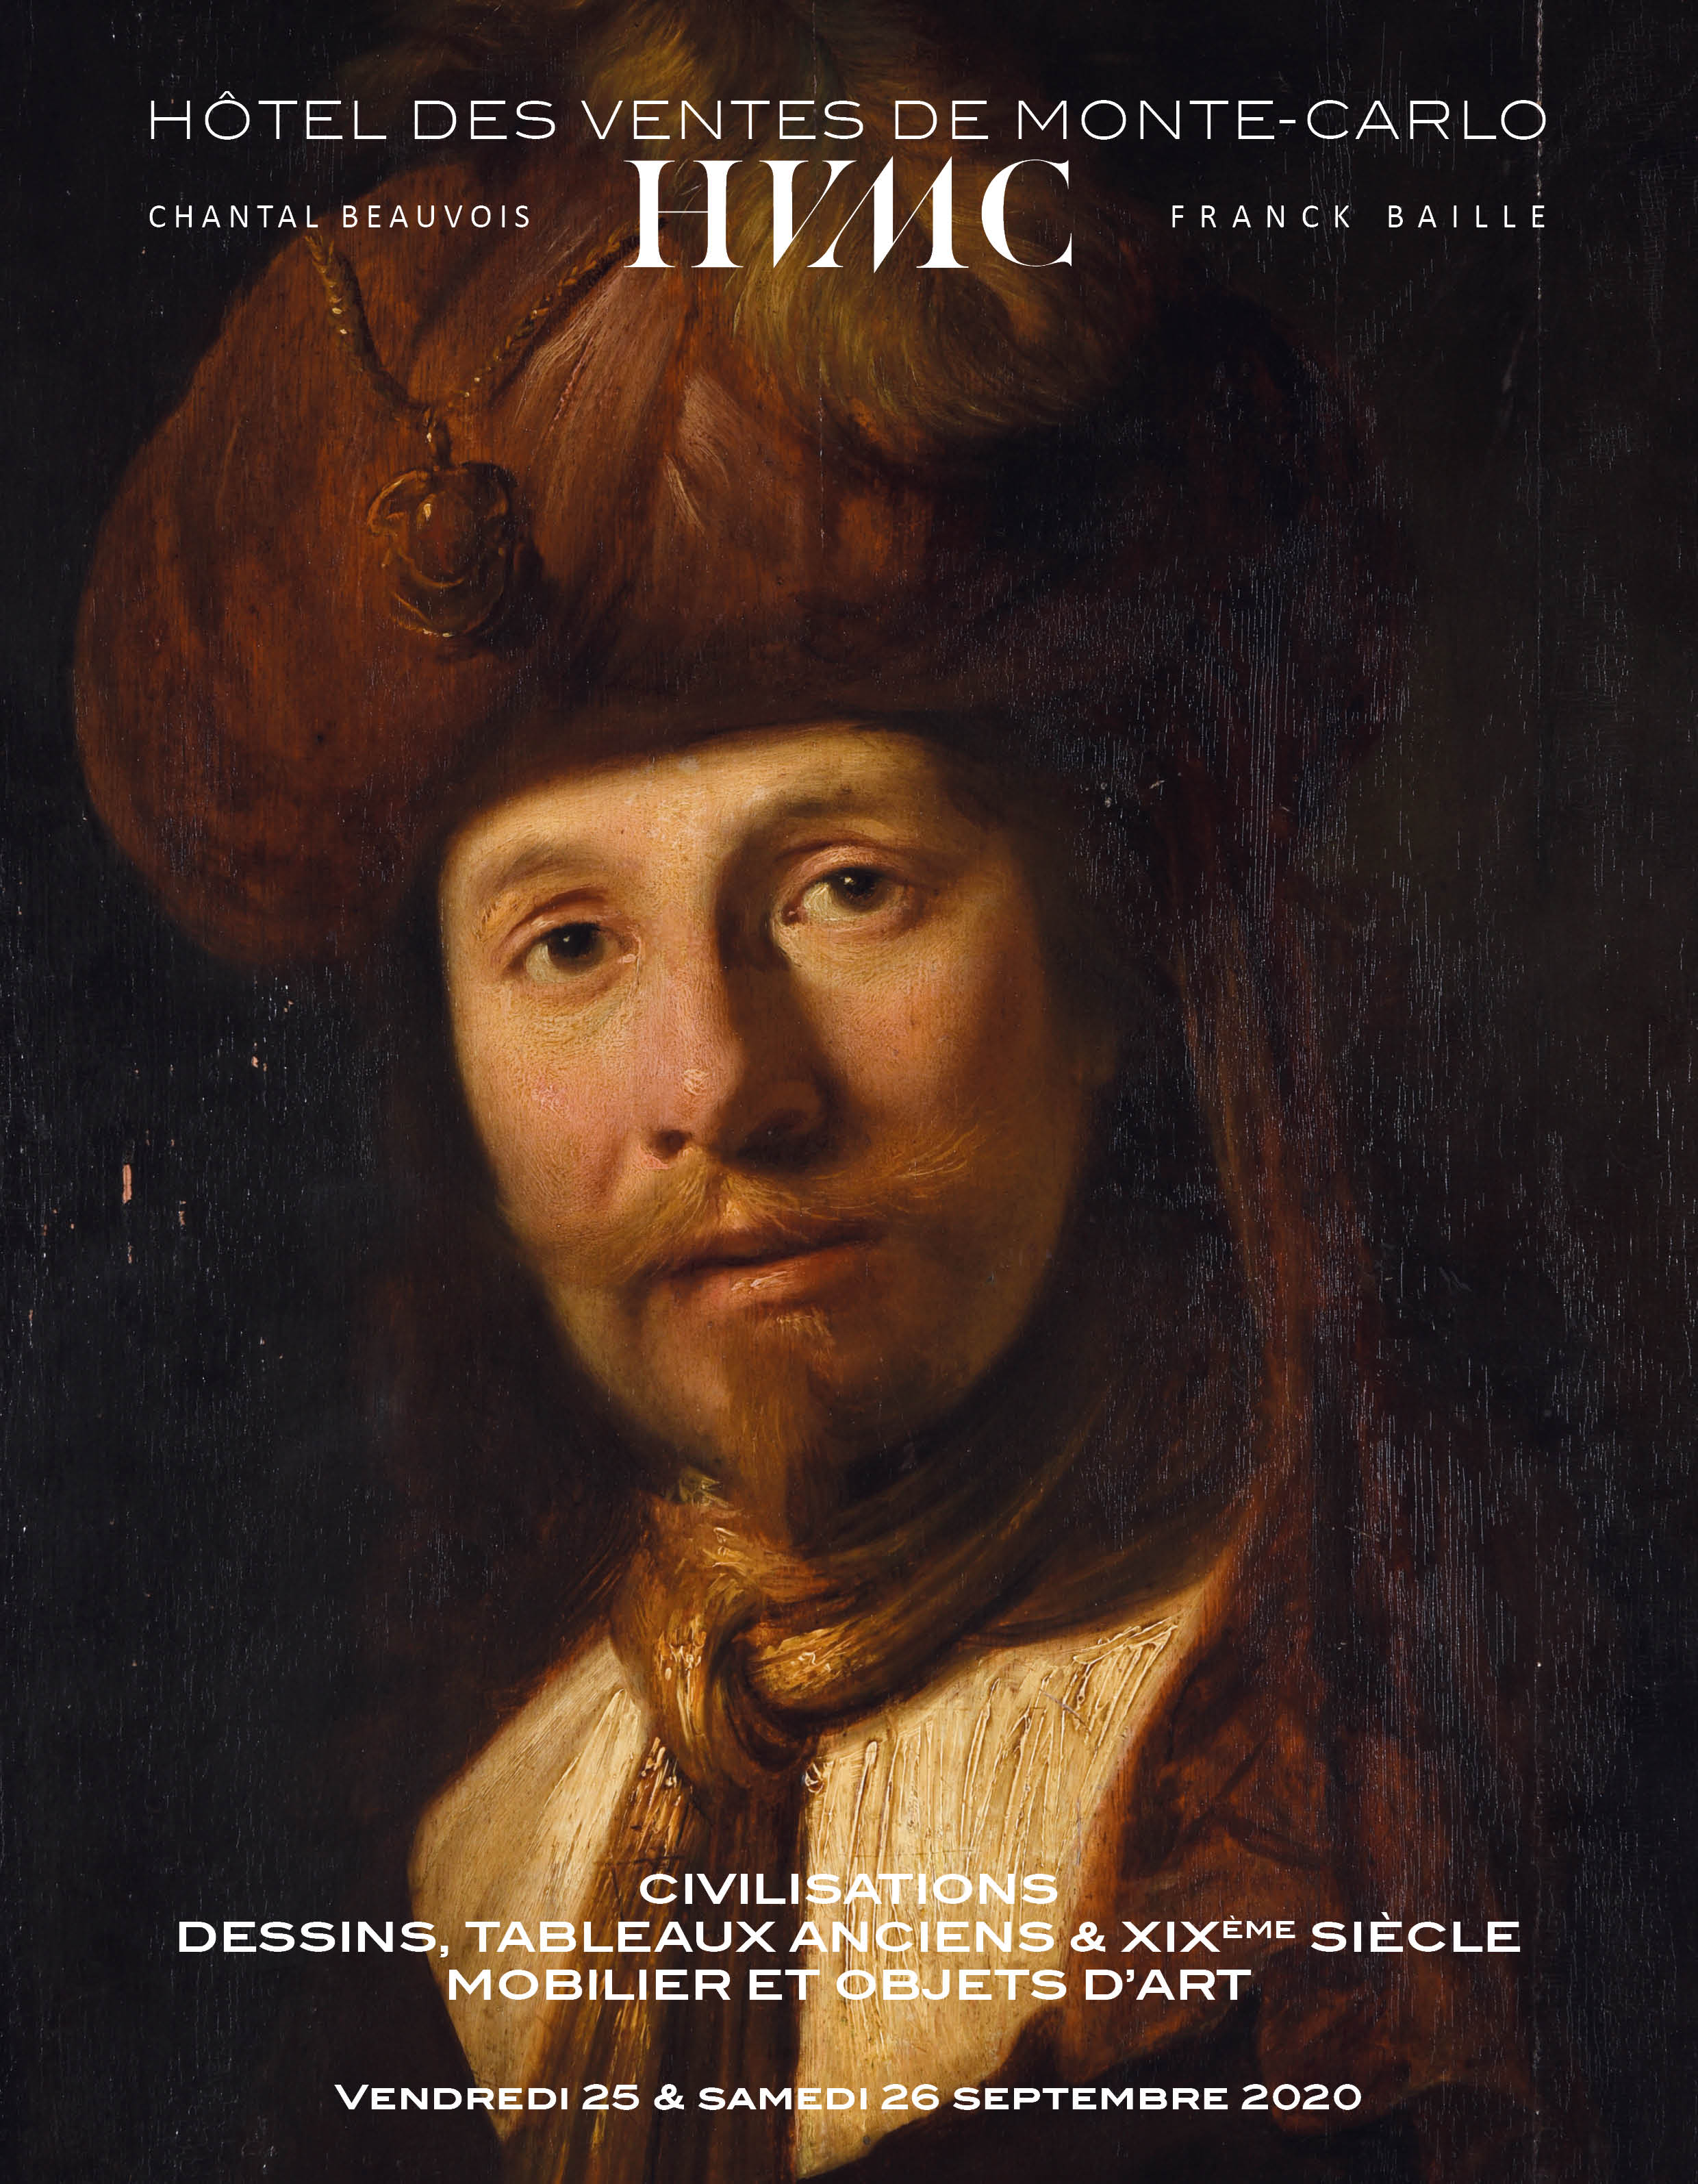 Auction Civilisations, Dessins, Tableaux Anciens & XIXème, Mobilier, Objets d'Art at Hôtel des Ventes de Monte-Carlo : 287 lots